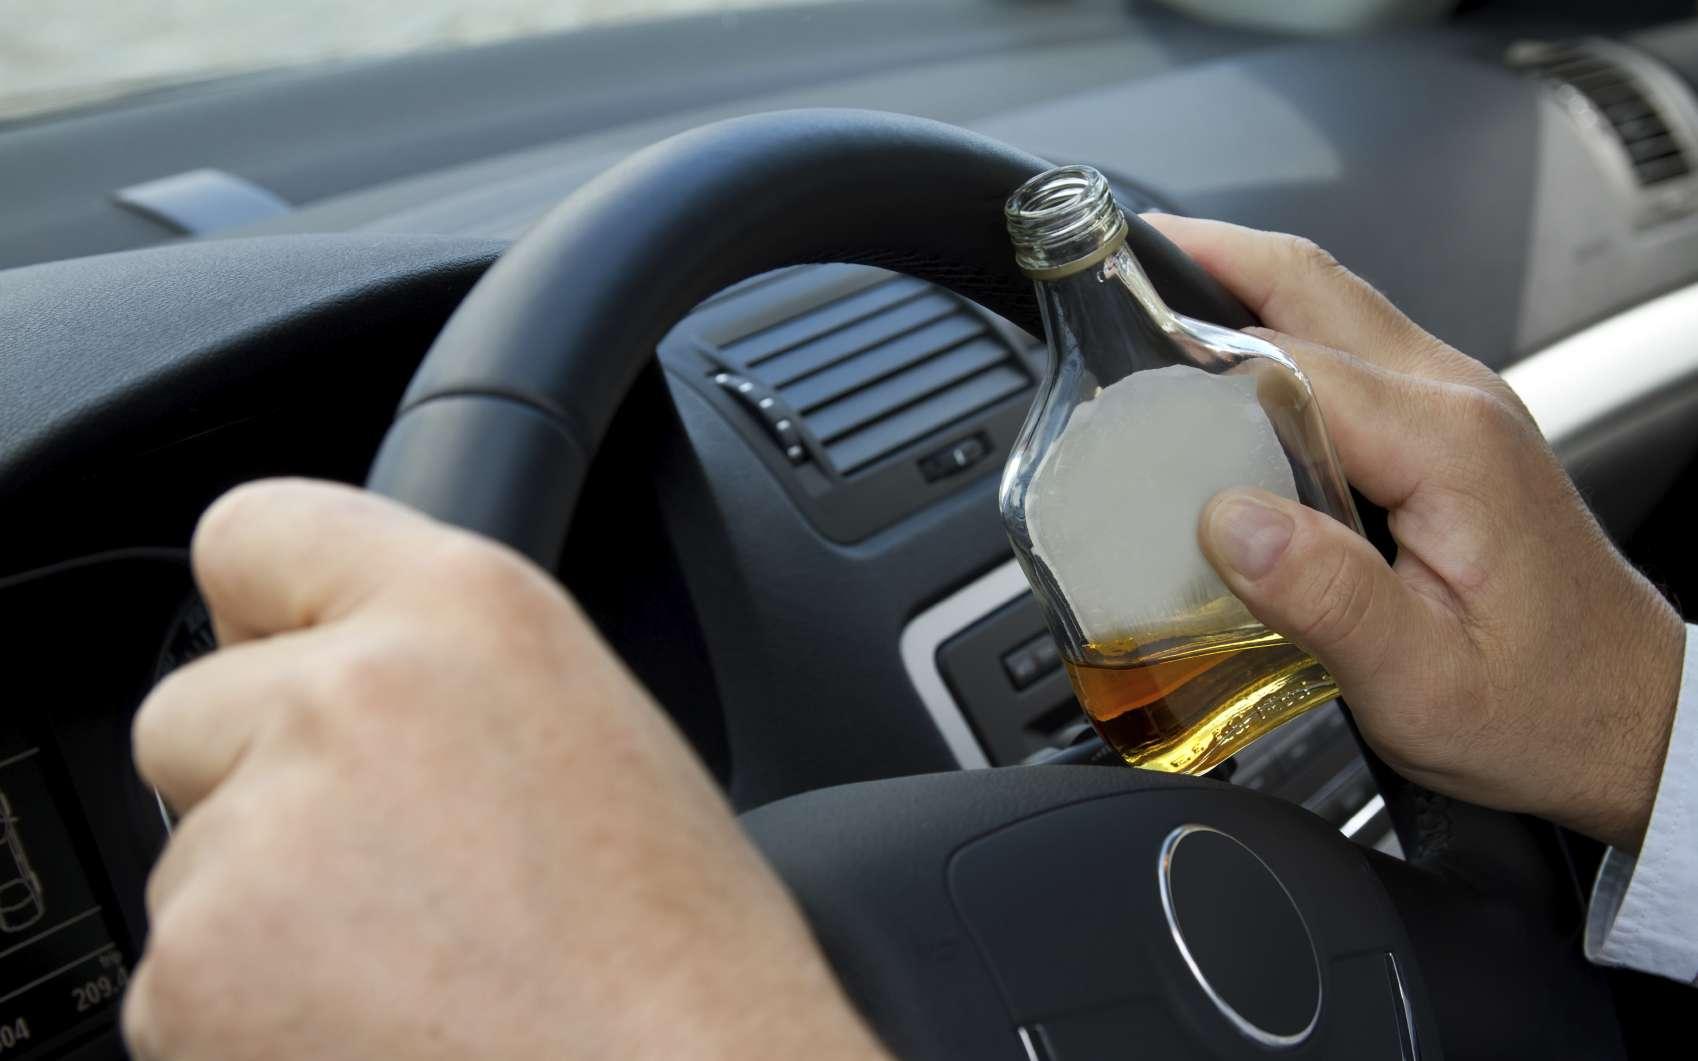 Boire ou conduire, bientôt c'est notre smartphone qui en décidera pour nous et la sécurité des autres passagers. © filrom, Istock.com